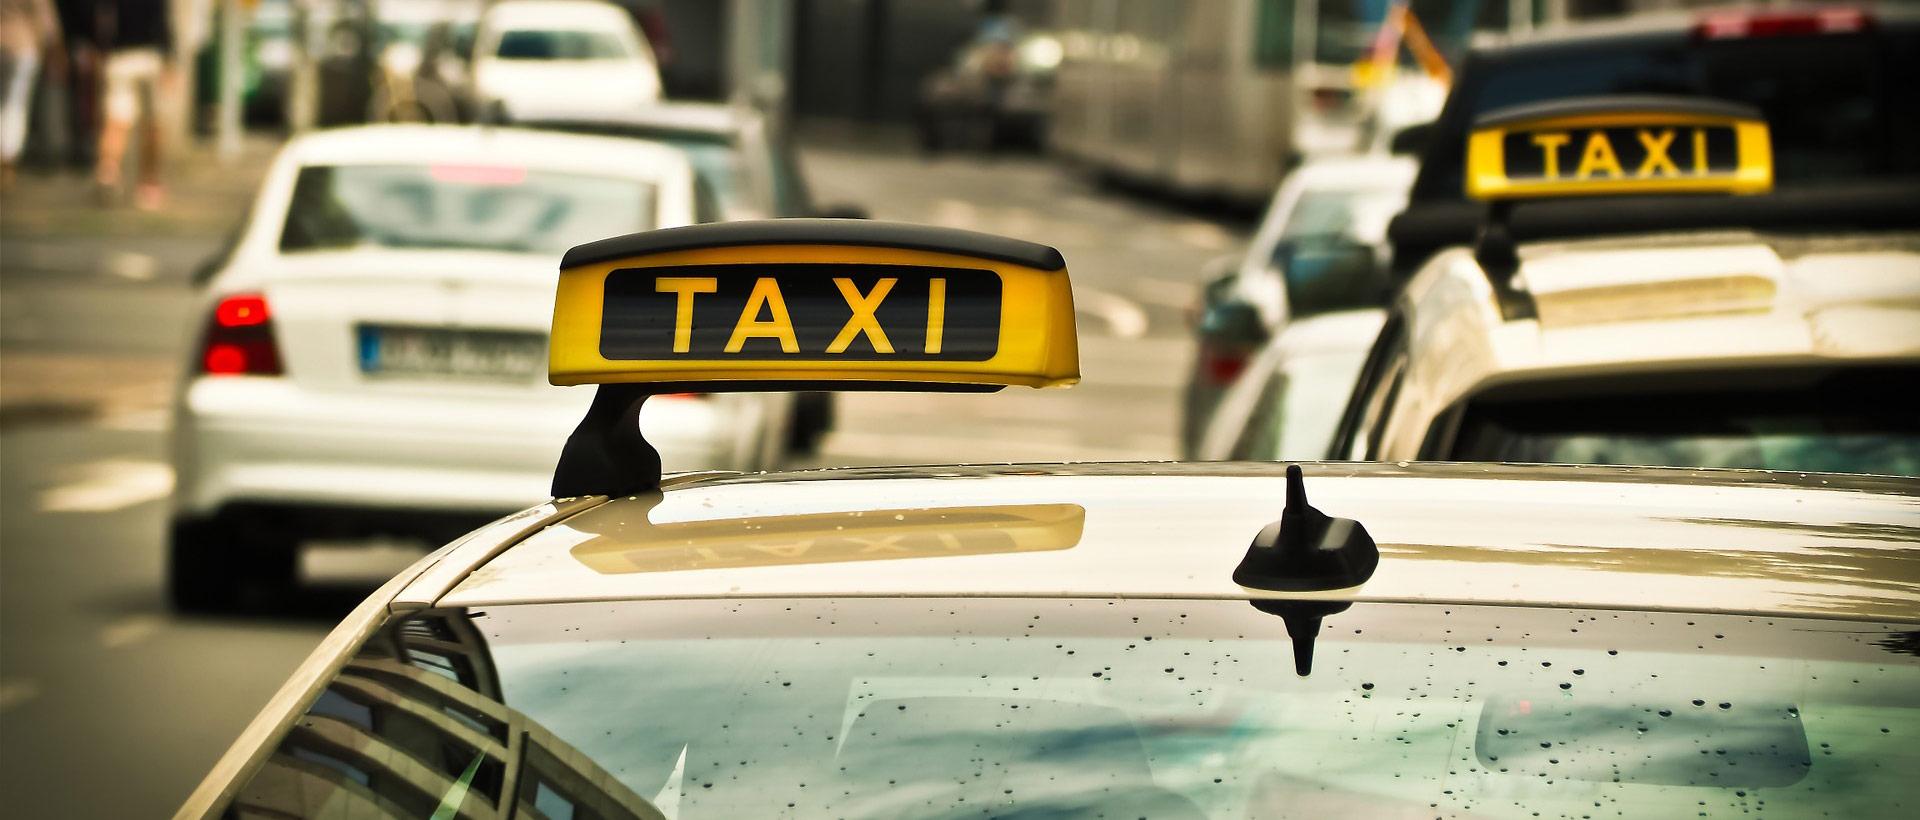 Taxi oder Mietwagen in Regen